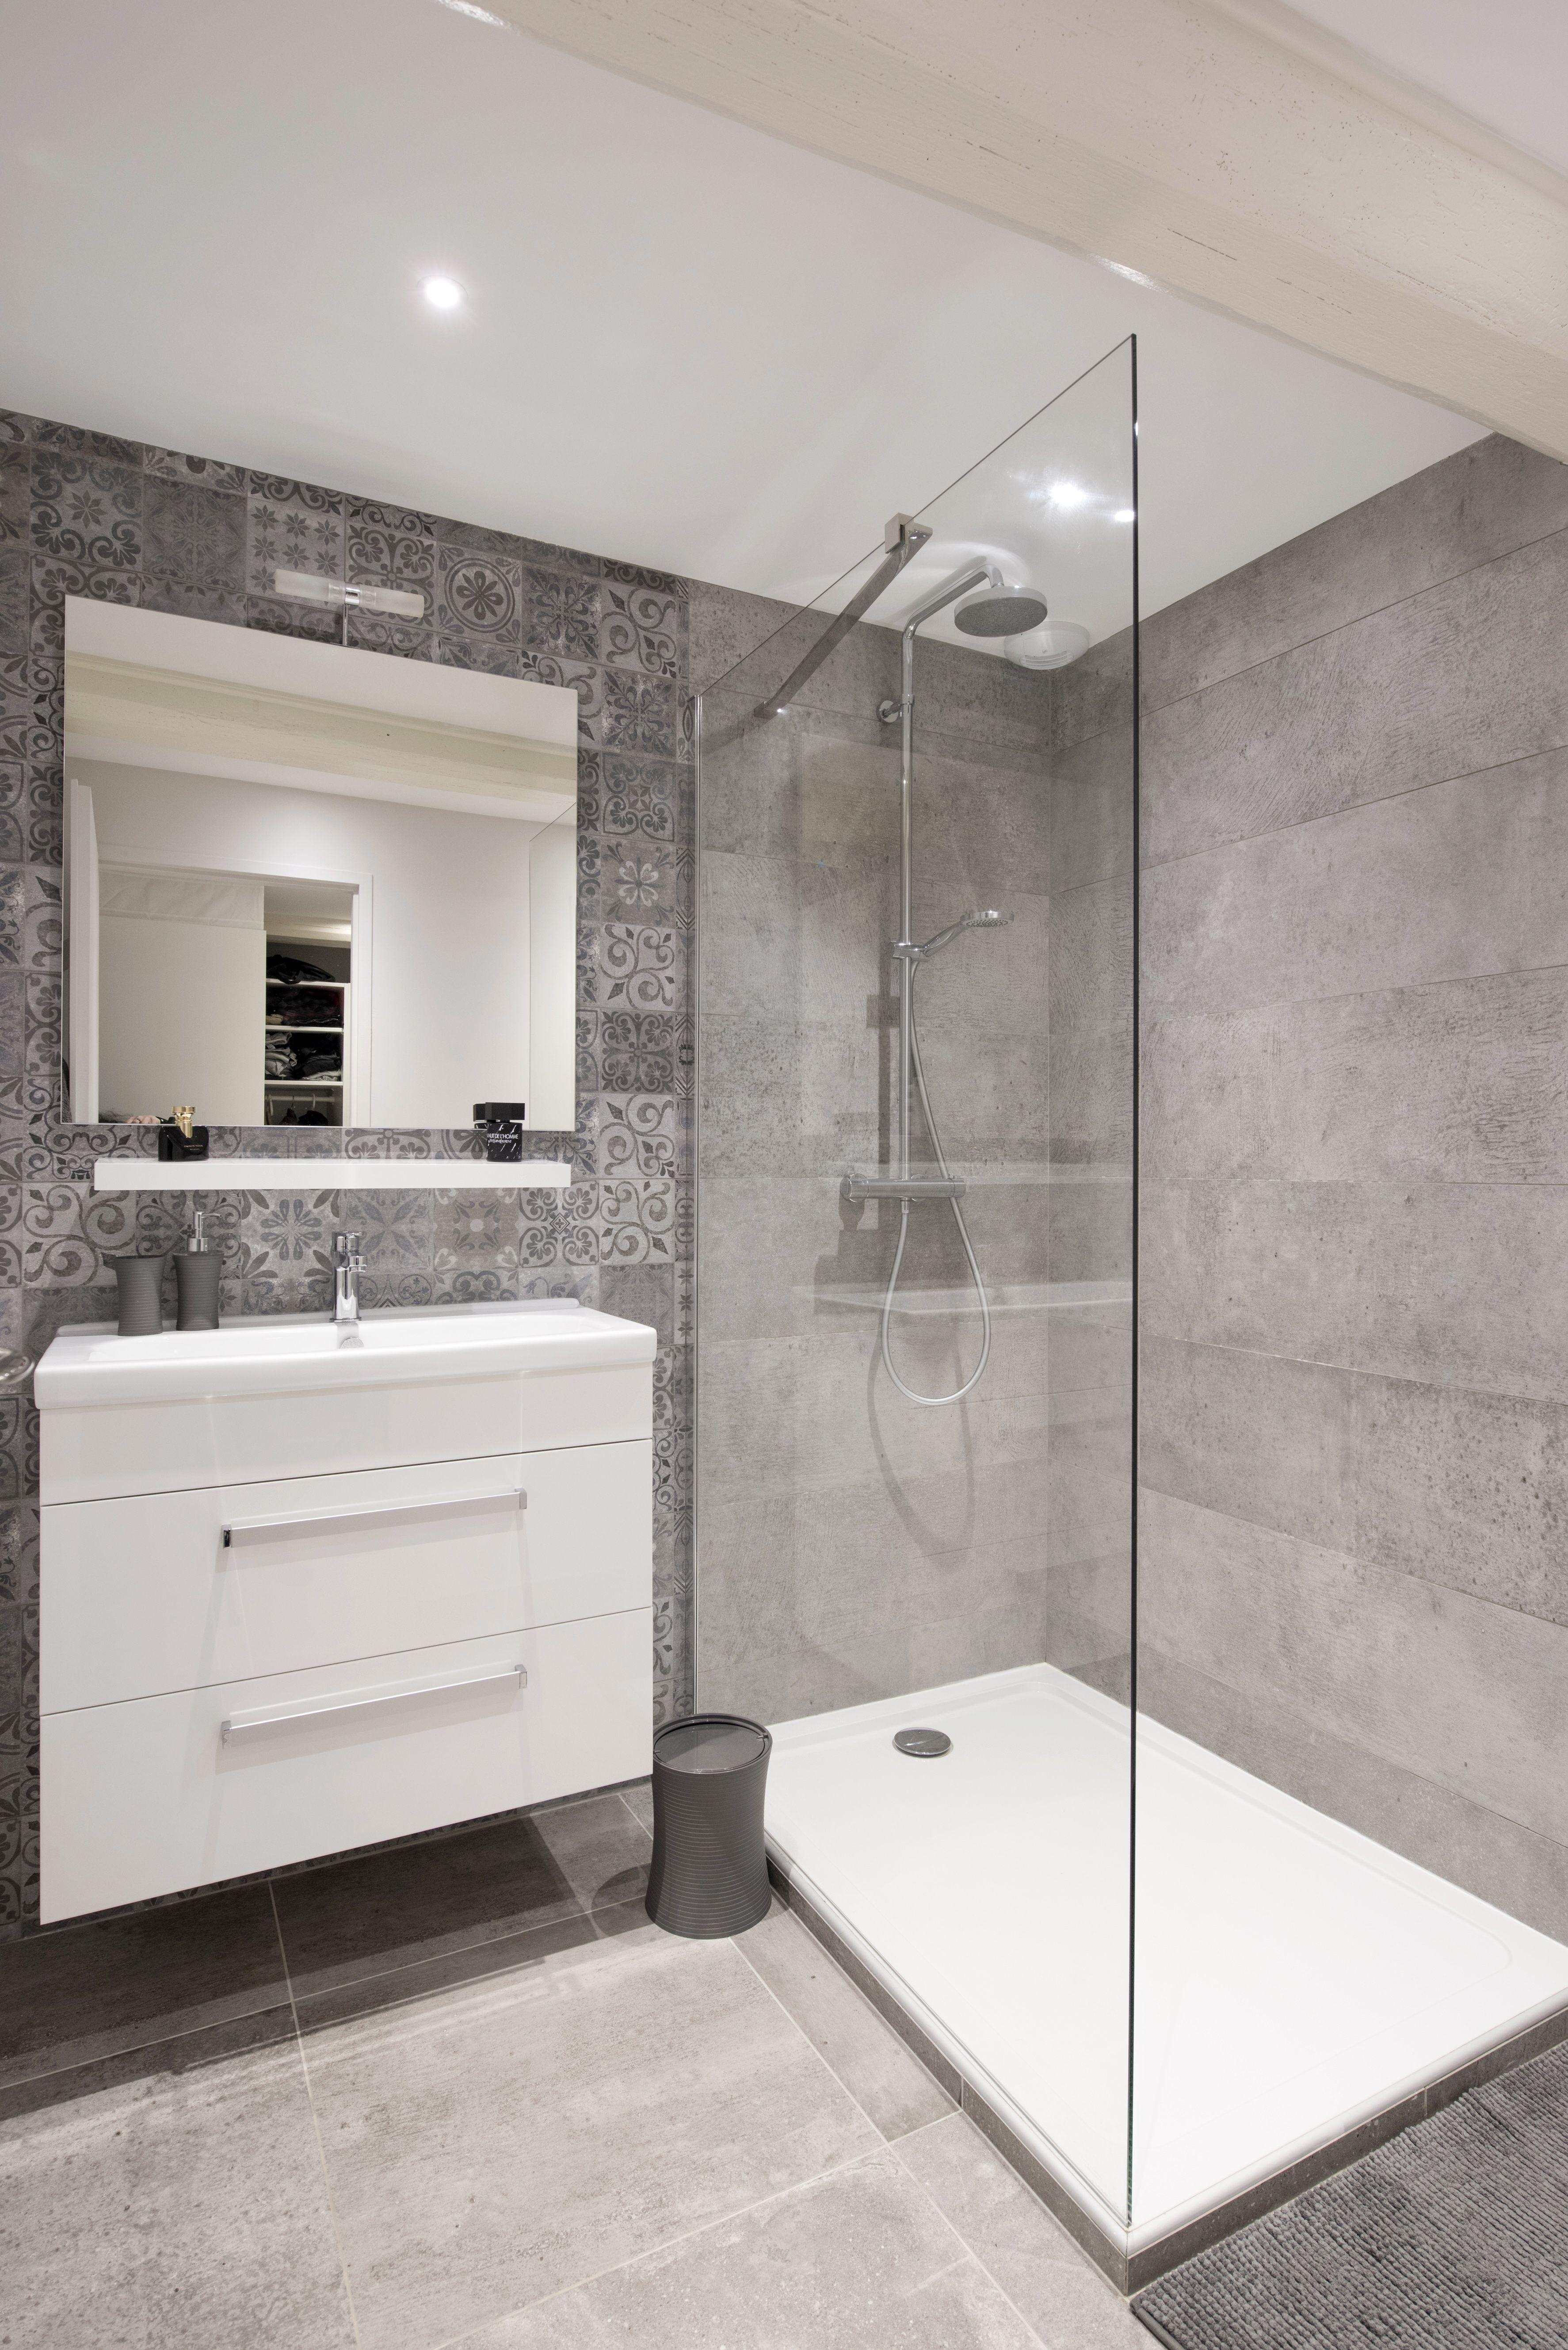 Salle de bains pur e et design dans une maison familiale for Architecte interieur salle de bain